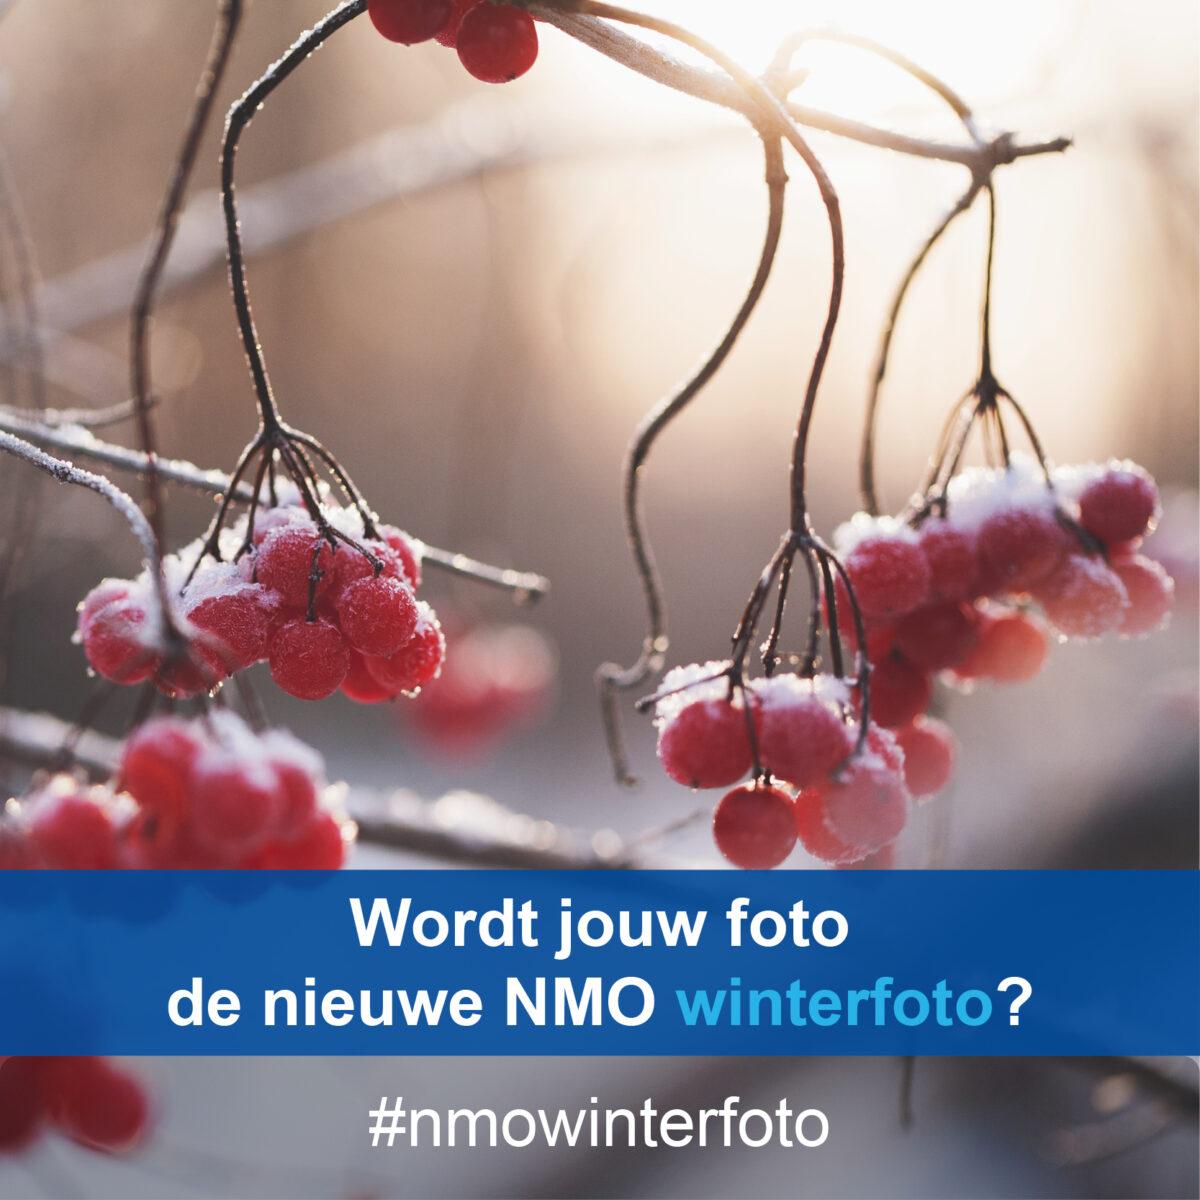 FOTOCHALLENGE! #NMOwinterfoto